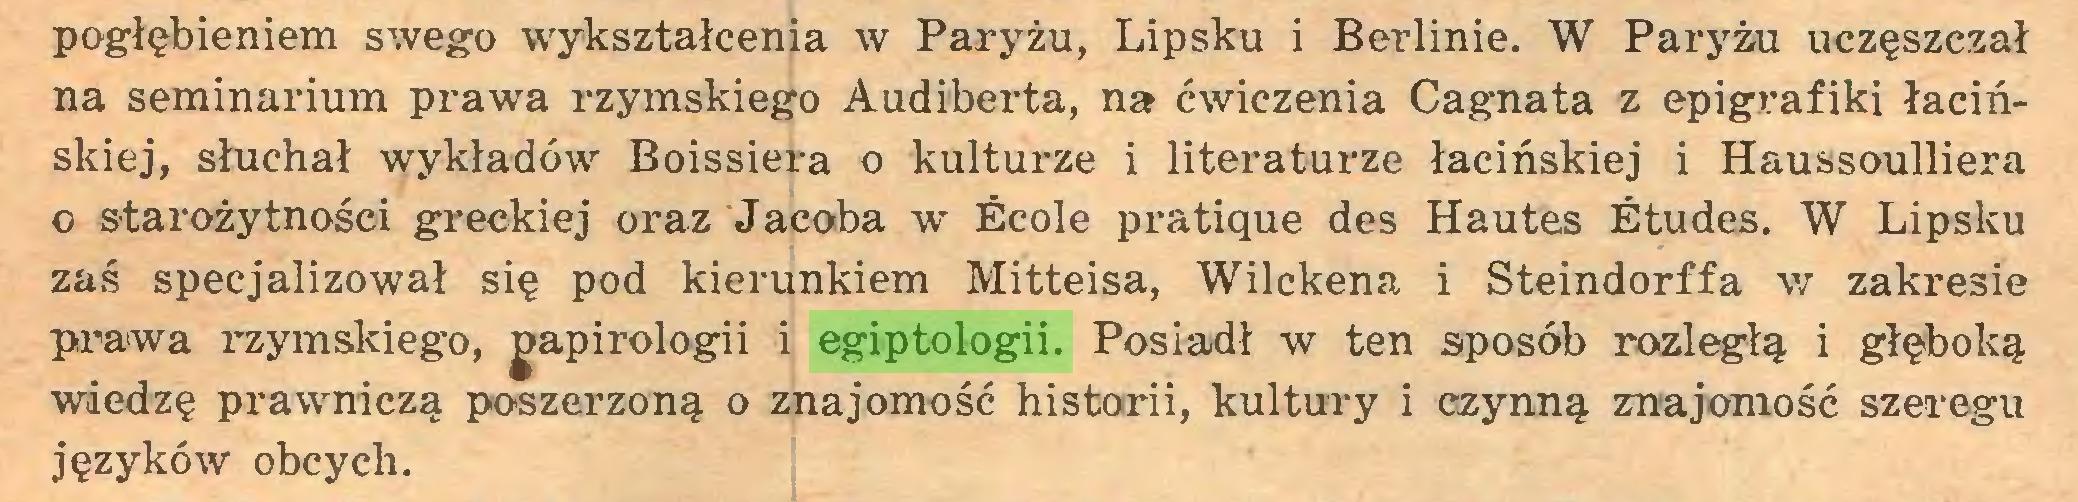 (...) pogłębieniem swego wykształcenia w Paryżu, Lipsku i Berlinie. W Paryżu uczęszczał na seminarium prawa rzymskiego Audiberta, na ćwiczenia Cagnata z epigrafiki łacińskiej, słuchał wykładów Boissiera o kulturze i literaturze łacińskiej i Haussoulliera 0 starożytności greckiej oraz Jacoba w École pratique des Hautes Études. W Lipsku zaś specjalizował się pod kierunkiem Mitteisa, Wilckena i Steindorffa w zakresie prawa rzymskiego, gapirologii i egiptologii. Posiadł w ten sposób rozległą i głęboką wiedzę prawniczą poszerzoną o znajomość historii, kultury i czynną znajomość szeregu języków obcych...